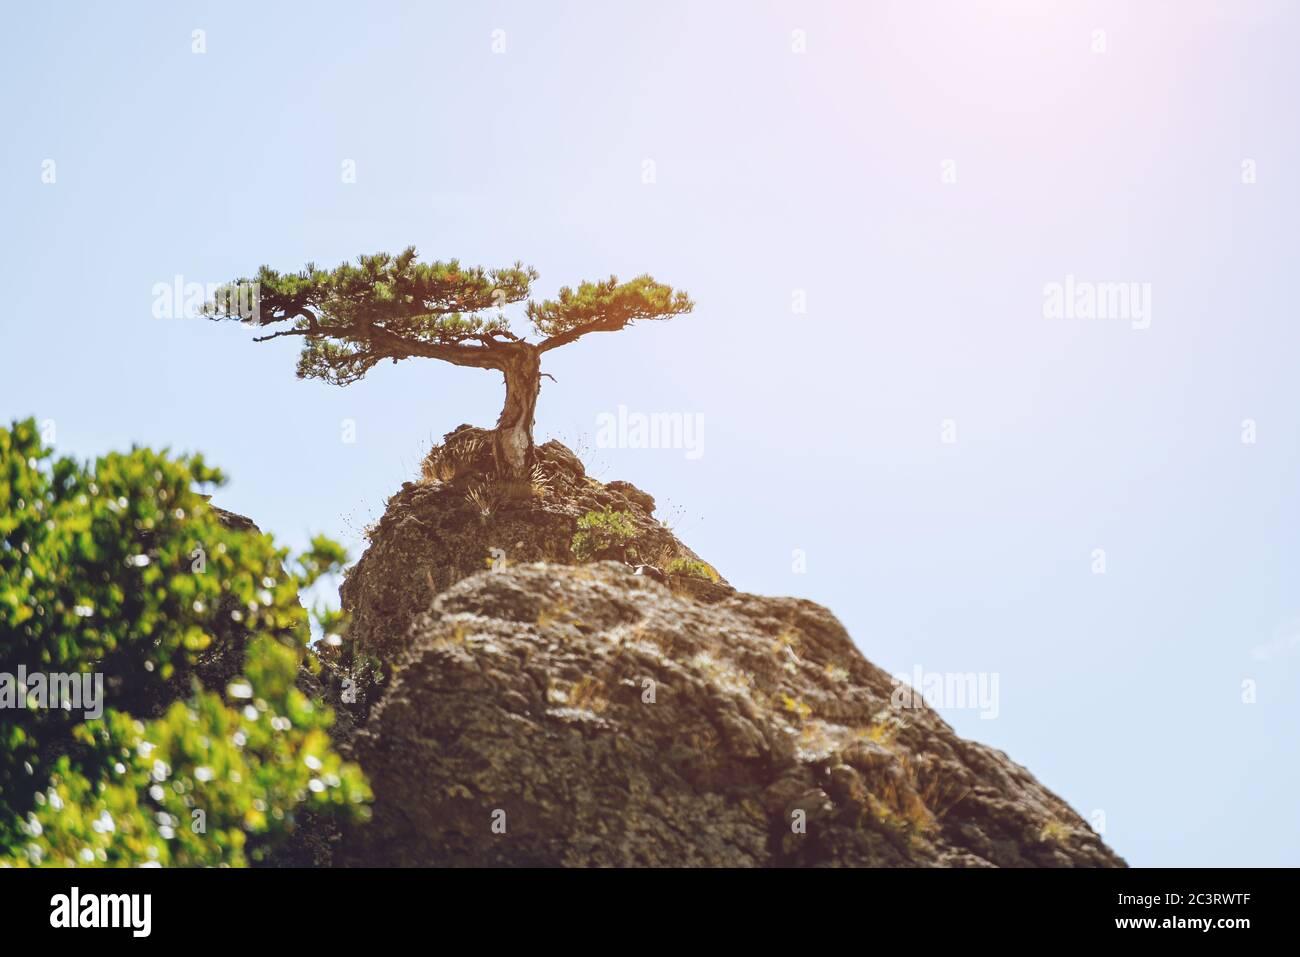 PIN solitaire qui pousse sur une montagne contre le ciel. Paysage. Banque D'Images